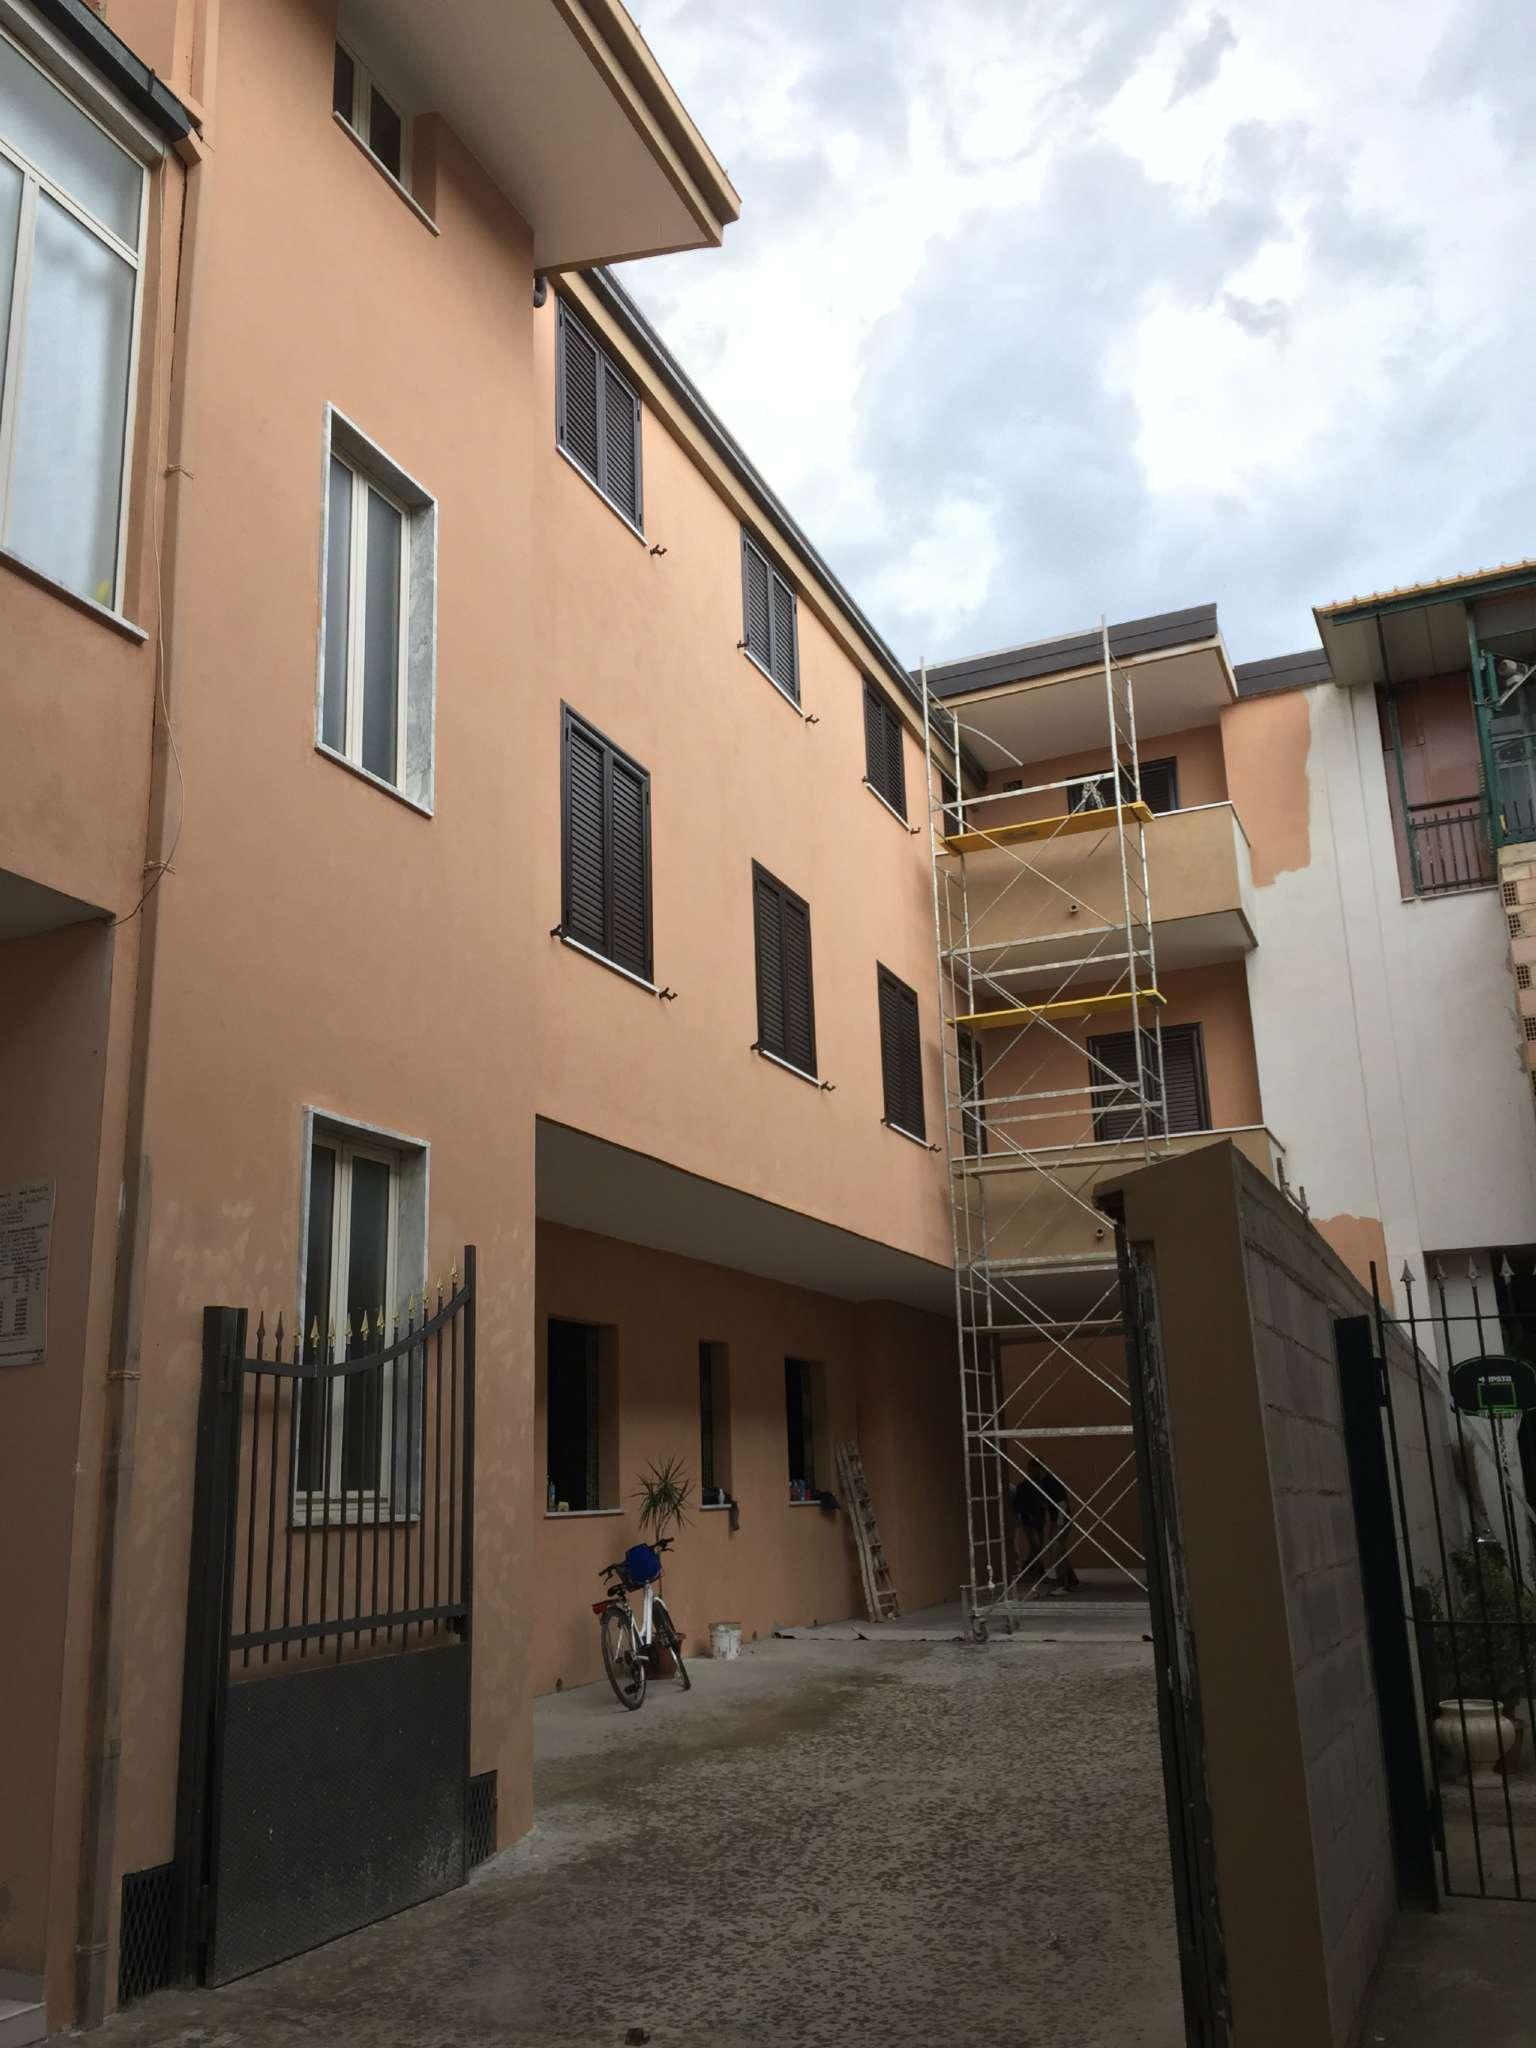 Attico / Mansarda in affitto a Marcianise, 4 locali, prezzo € 350 | Cambio Casa.it